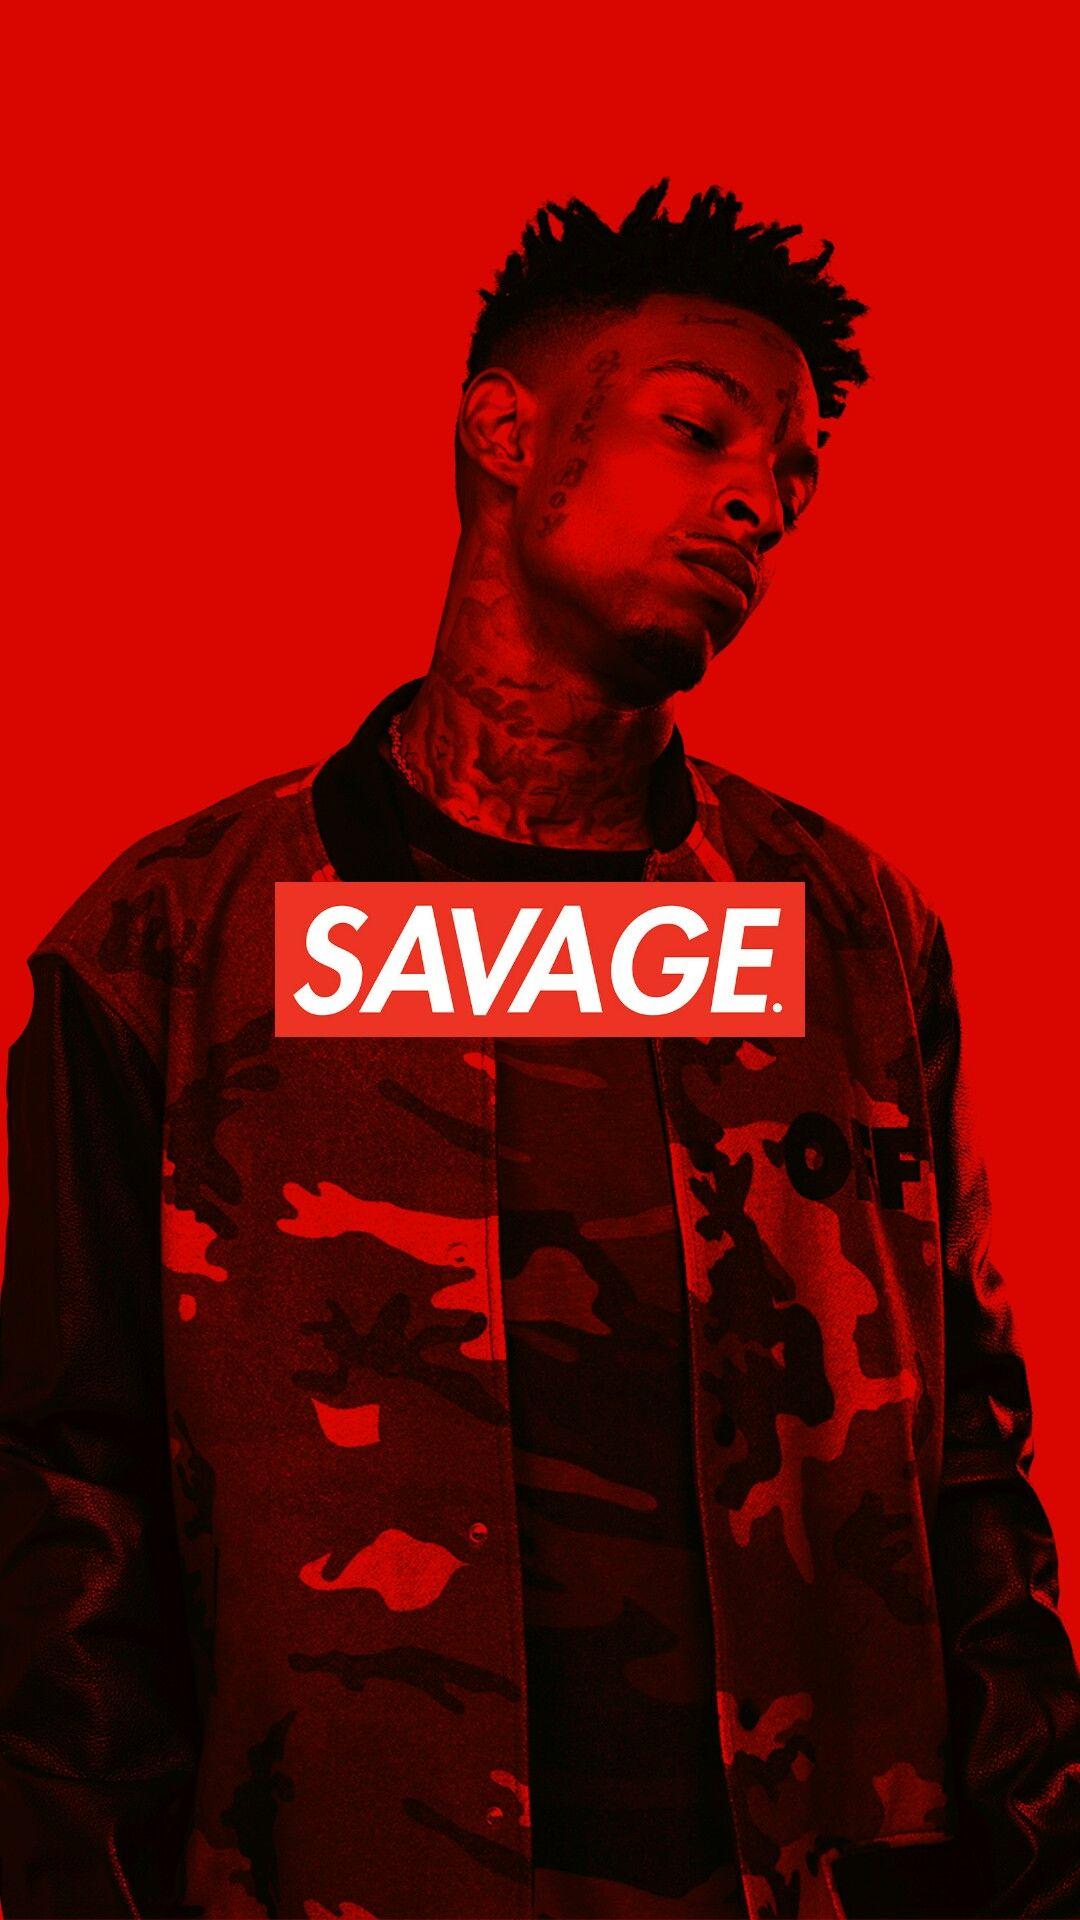 [28+] 21 Savage: I Am > I Was Wallpapers on WallpaperSafari